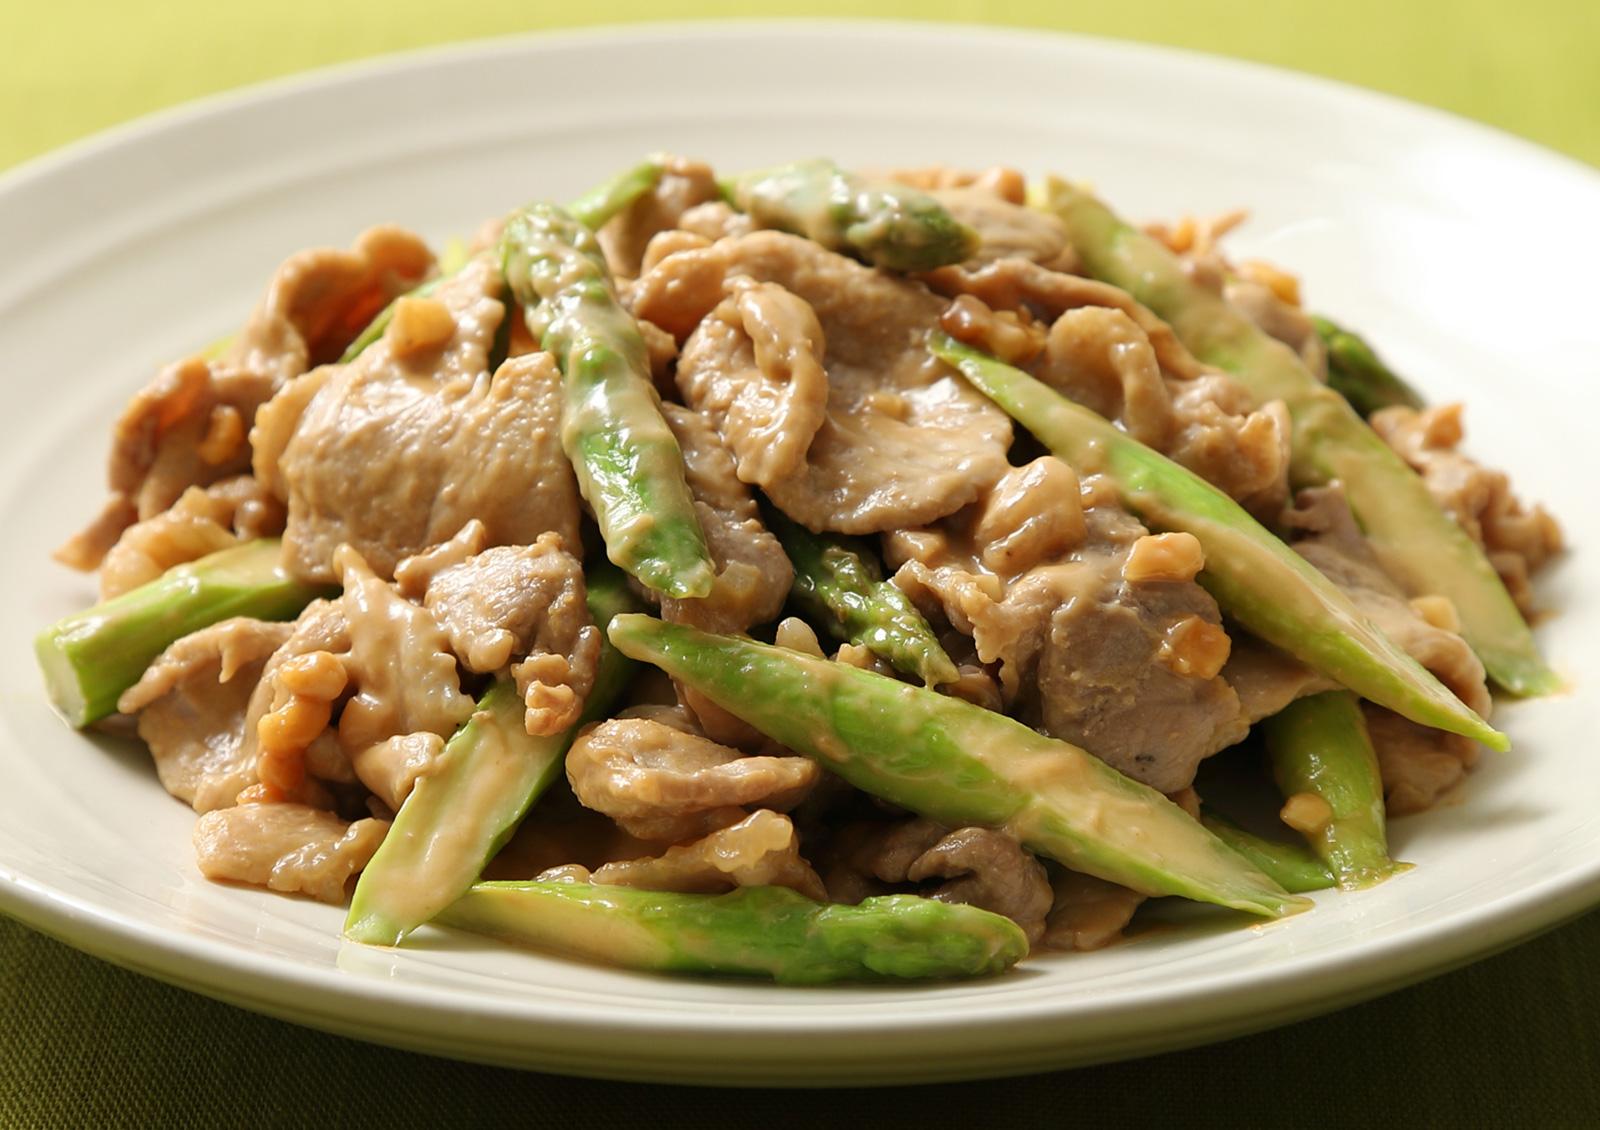 '아지폰®'으로 만드는 돼지고기와 아스파라거스의 땅콩버터 볶음